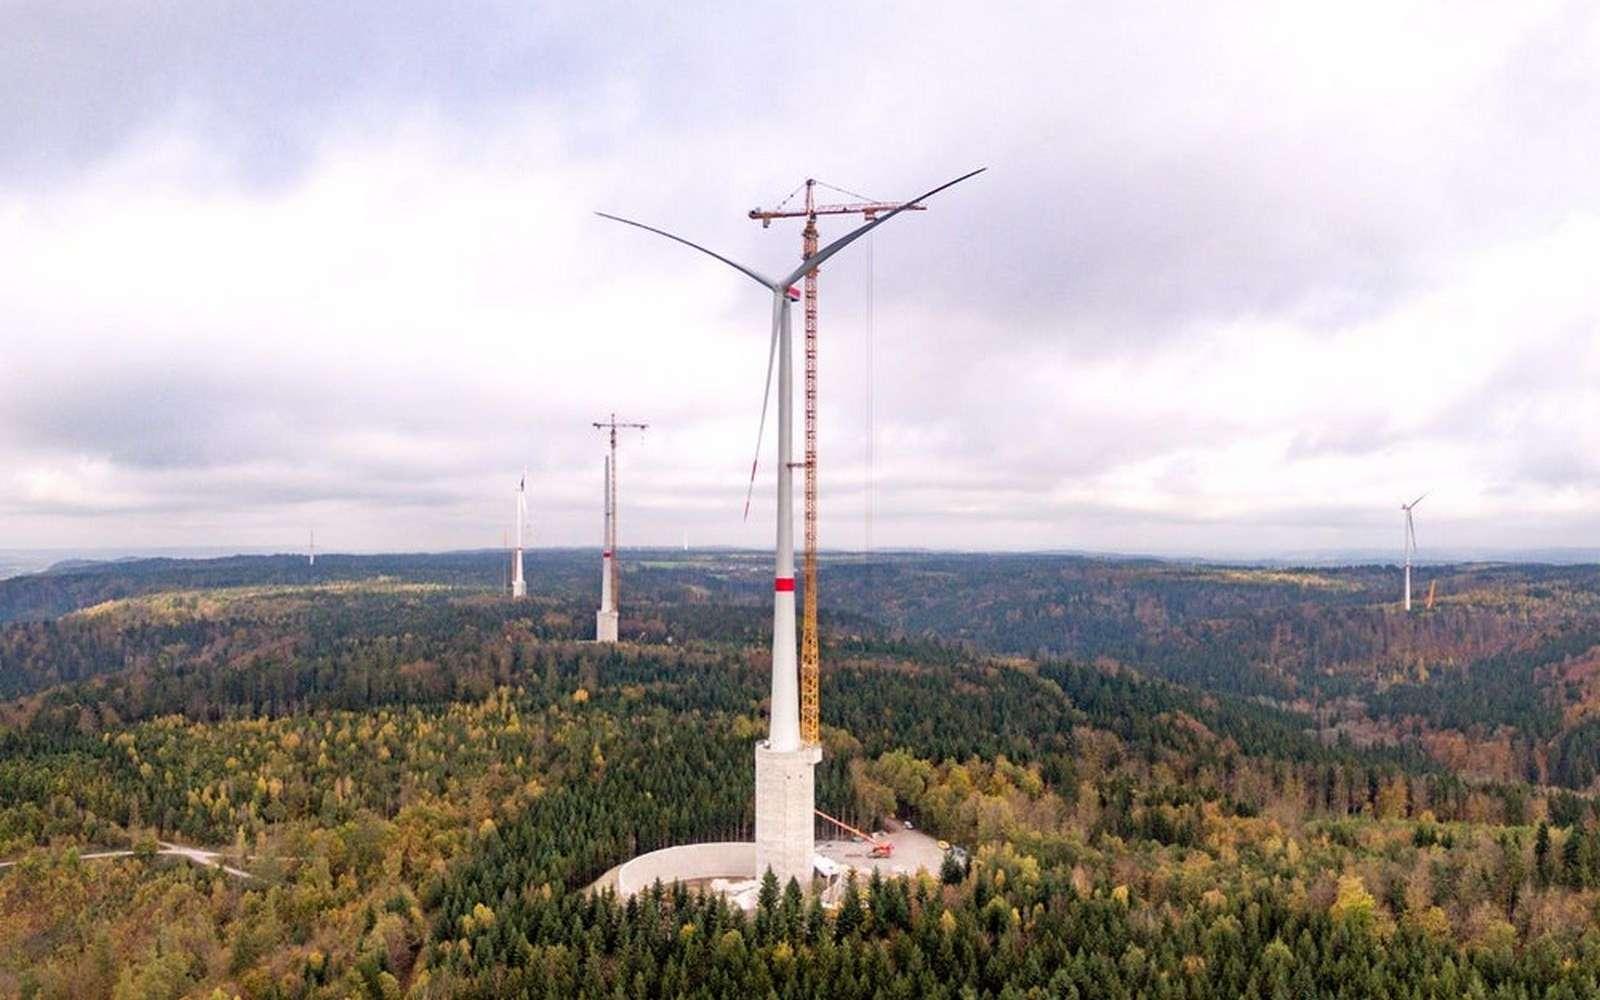 تضم أكبر عمود لانتاج الطاقة الريحية بافريقيا.. محطة الواليدية تبدأ أولى عمليات إنتاج الطاقة الكهربائية